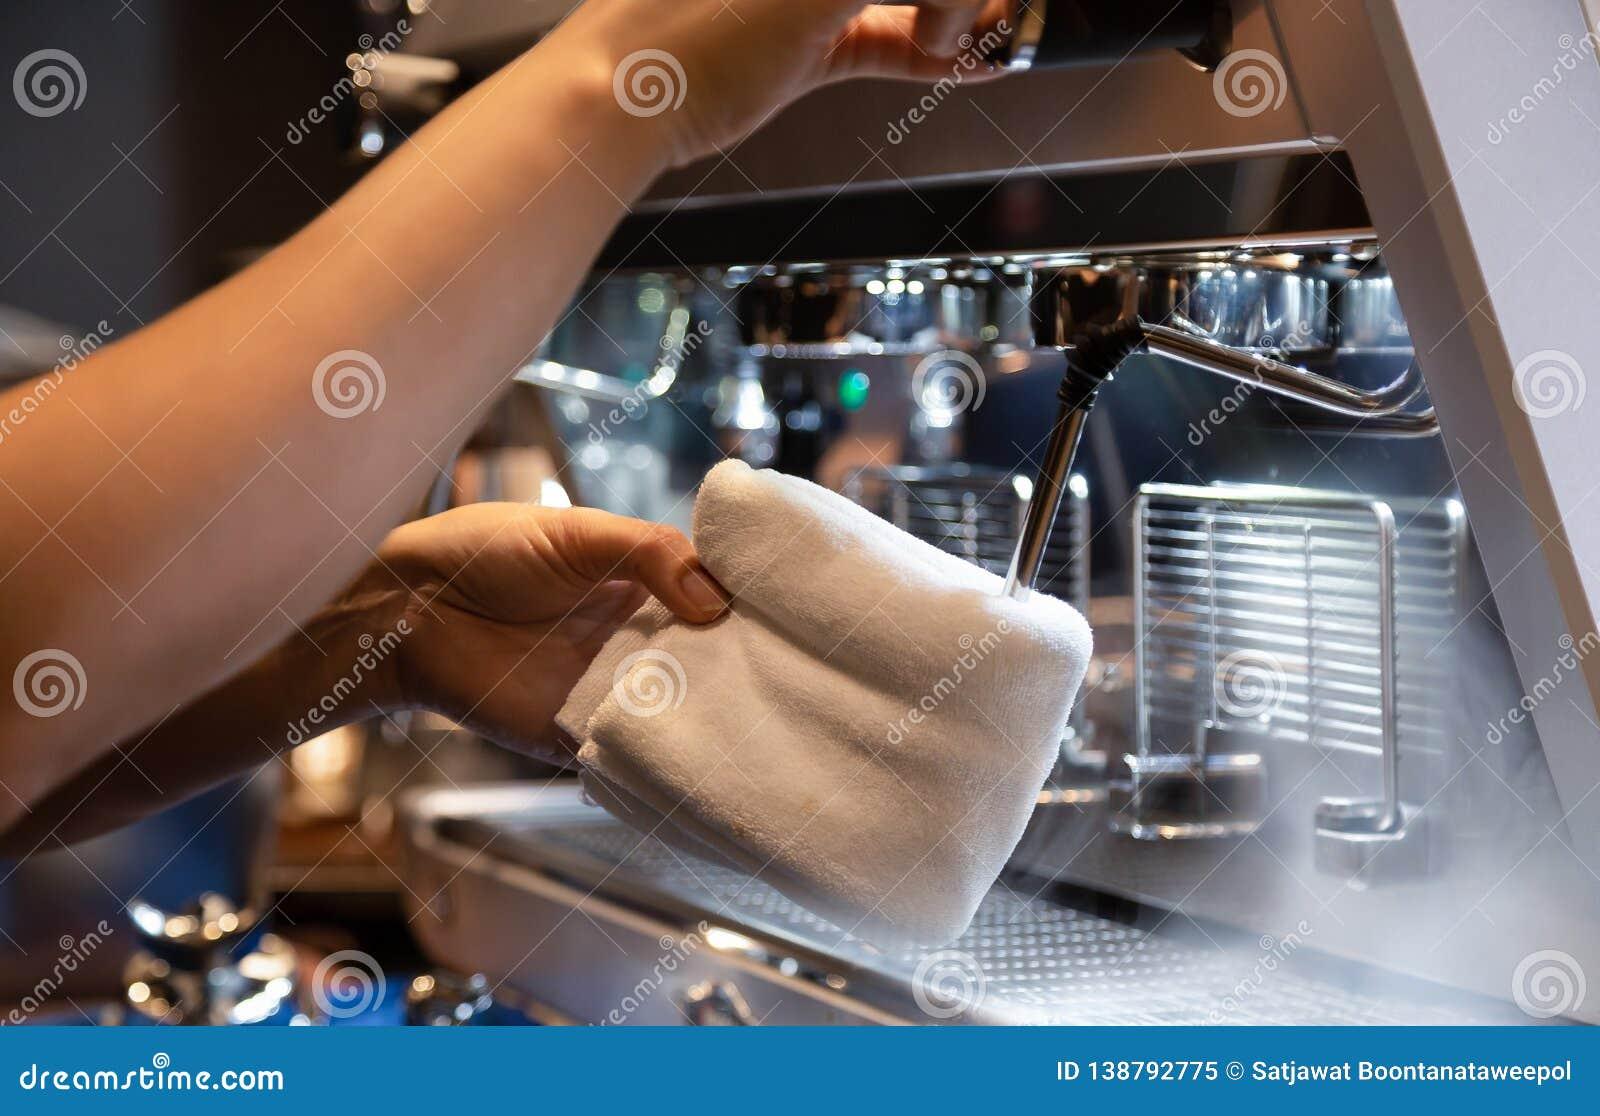 Hand van barista schoonmakende melk frother van koffiemachine om klaar te zijn voor melk het schuimen